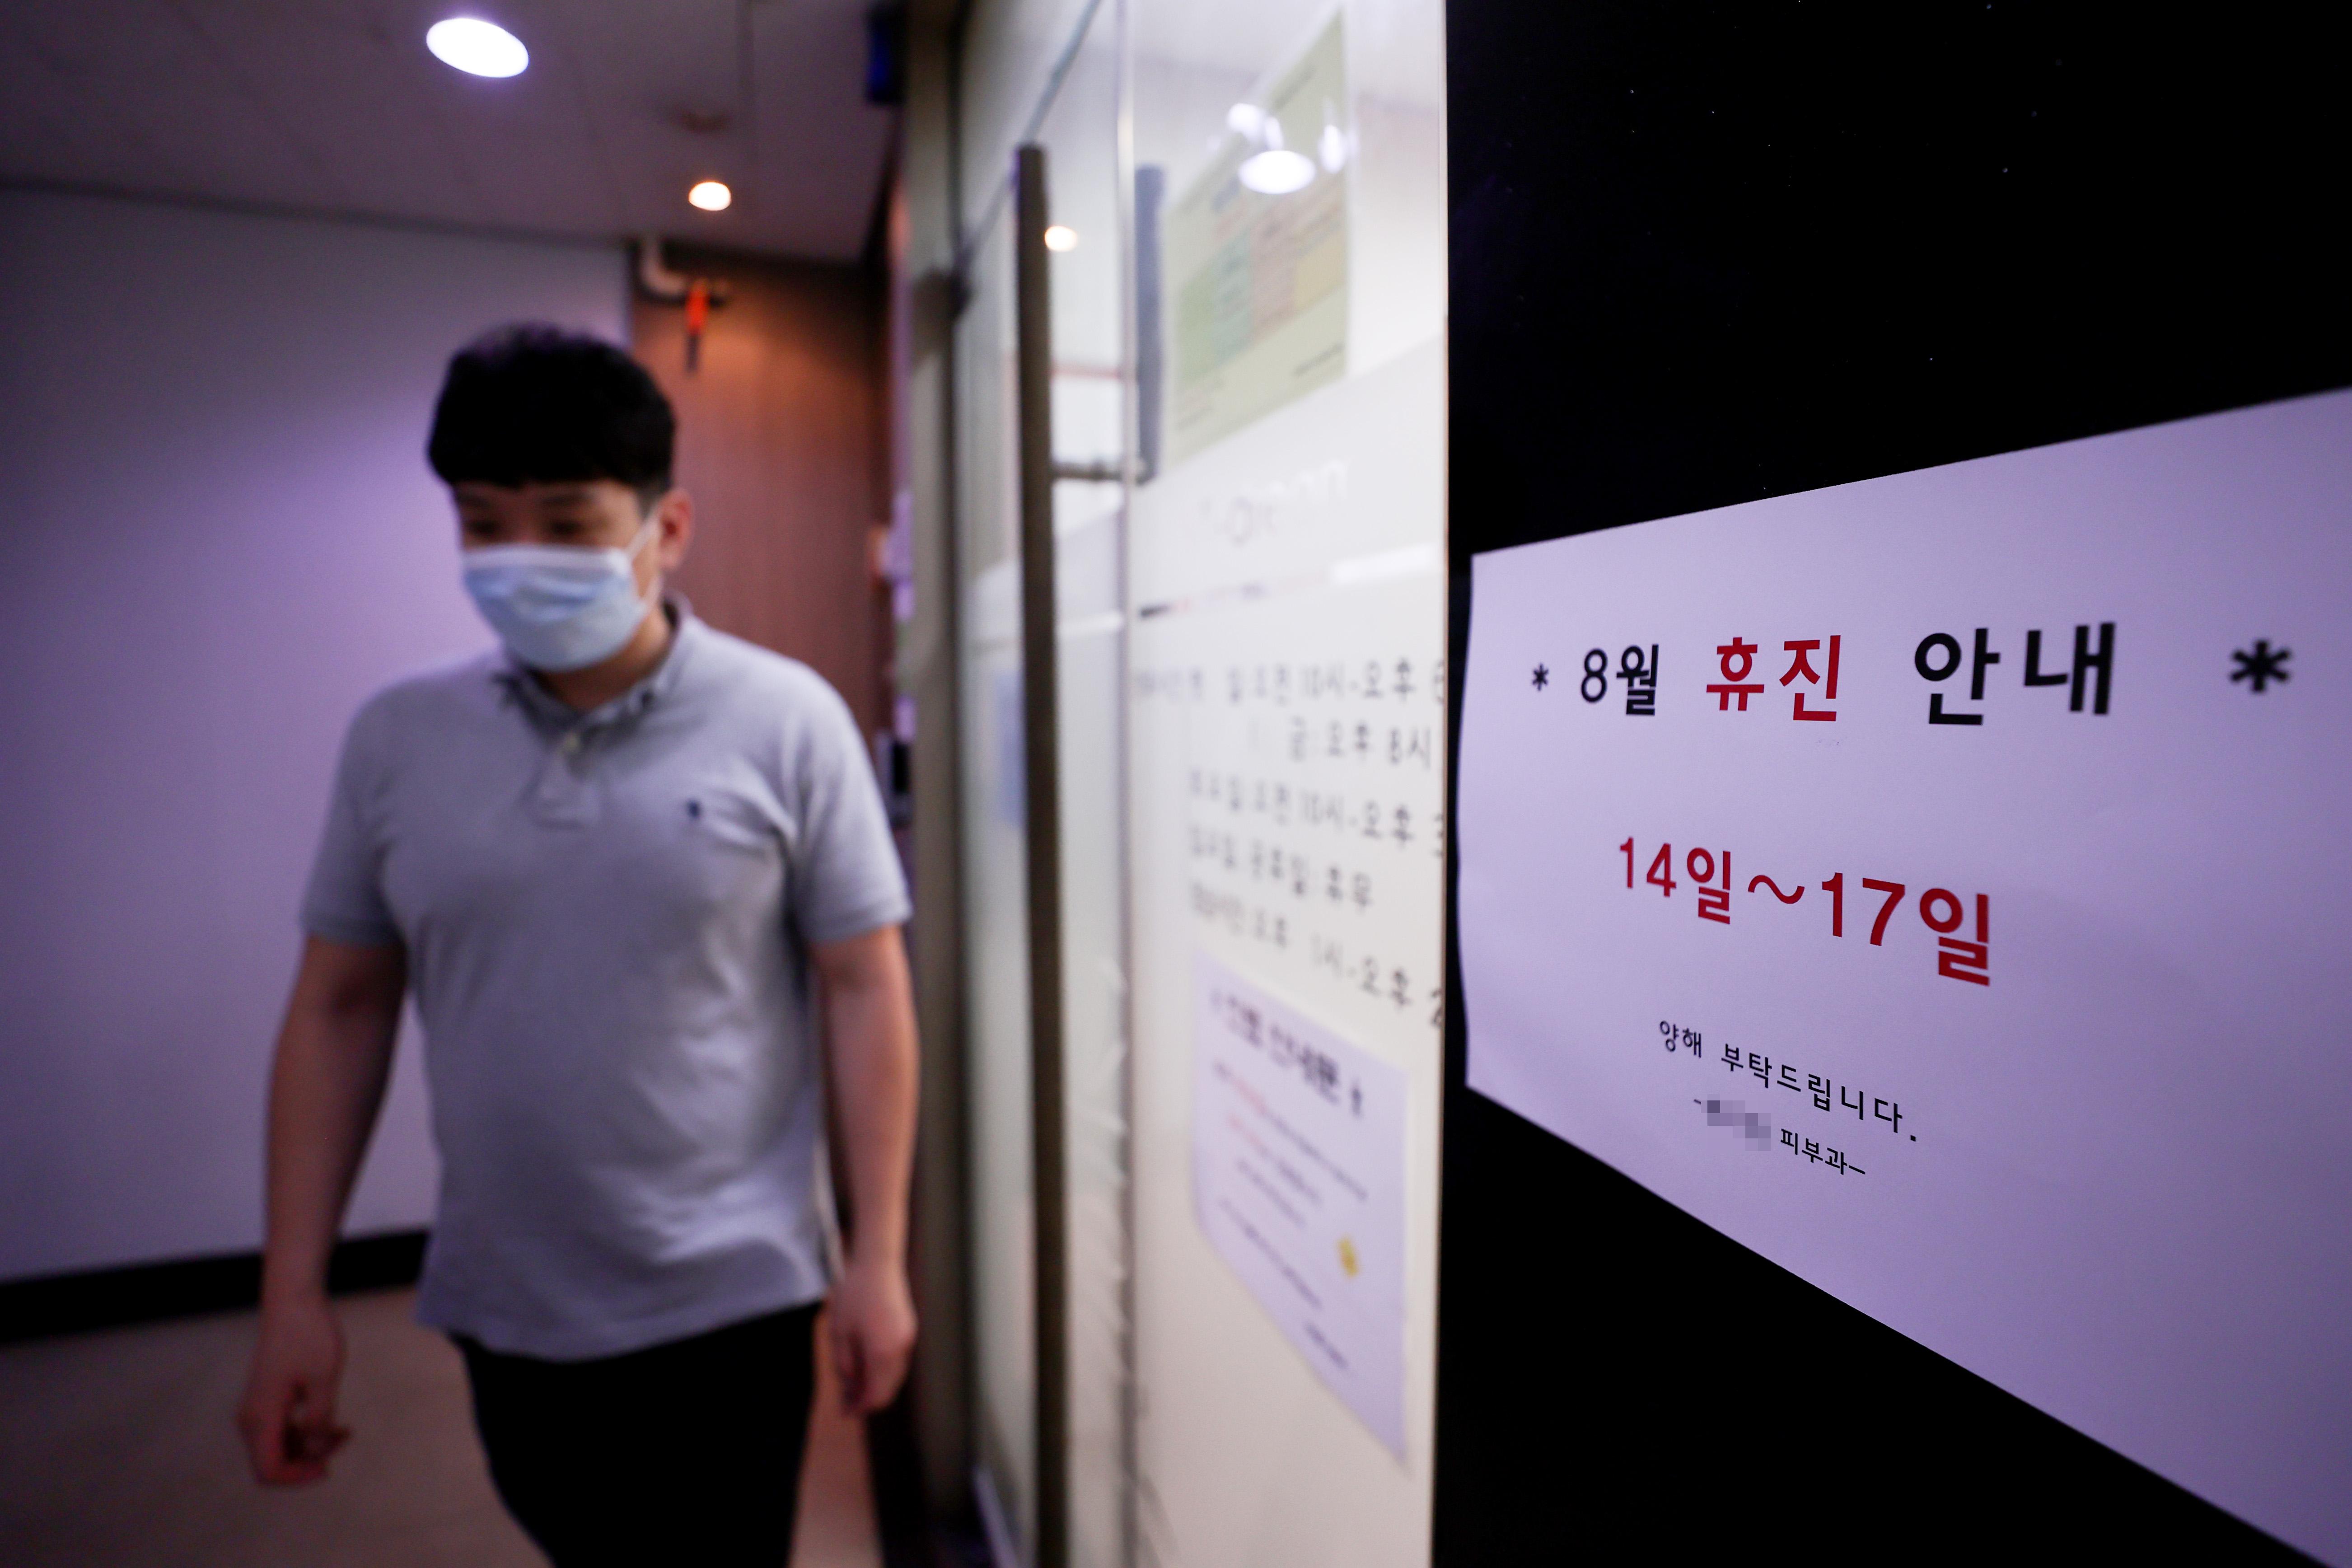 의료계 집단휴진, 동네의원에 붙은 휴진 안내문